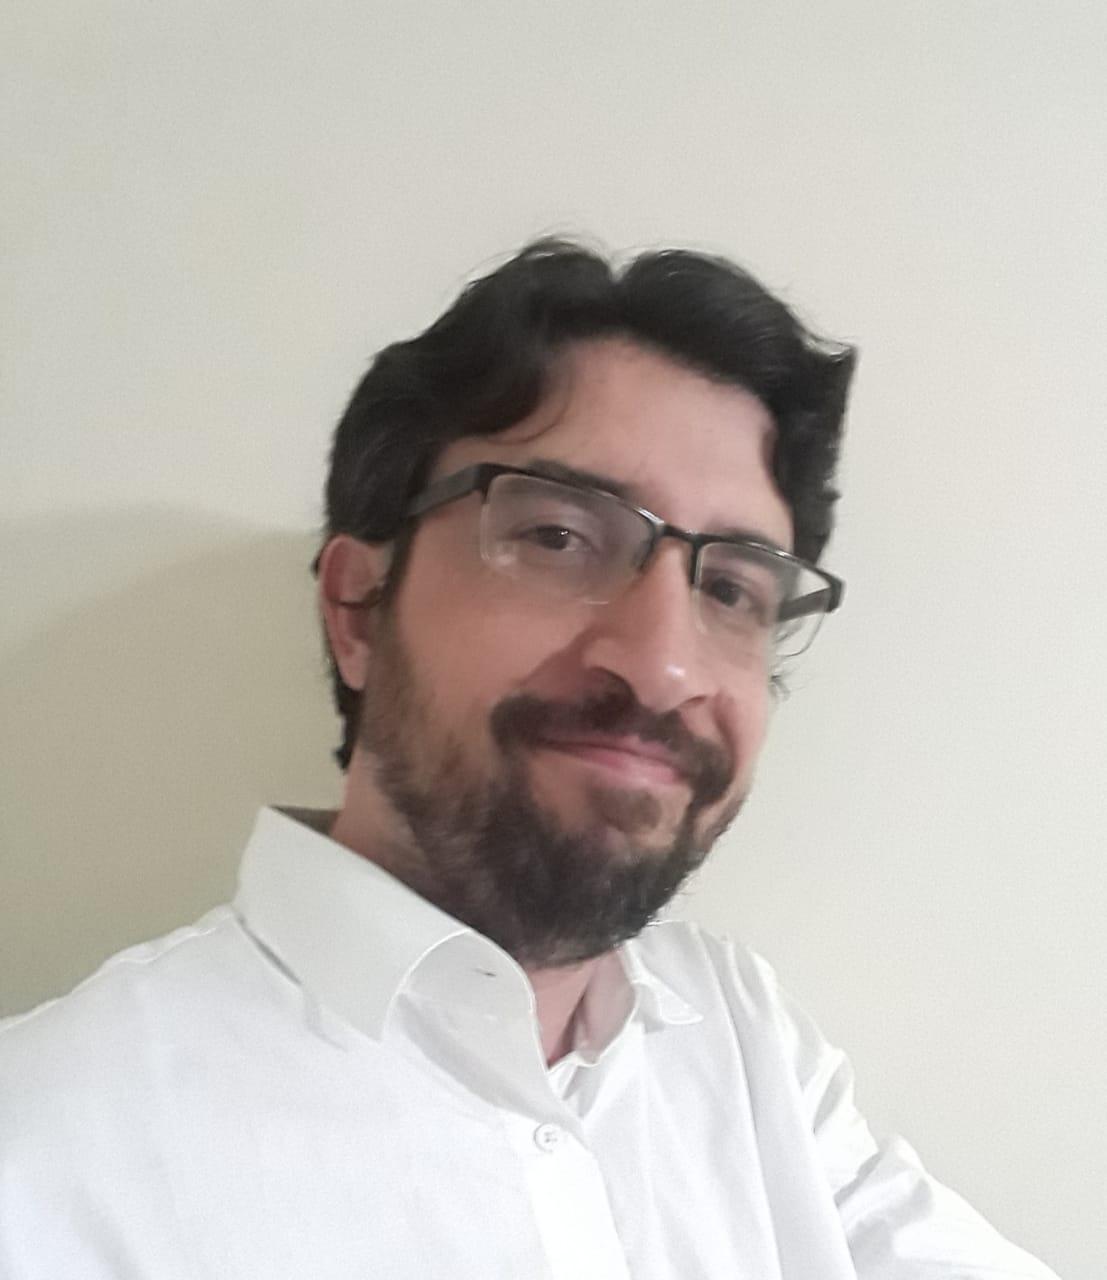 Gustavo Muzy